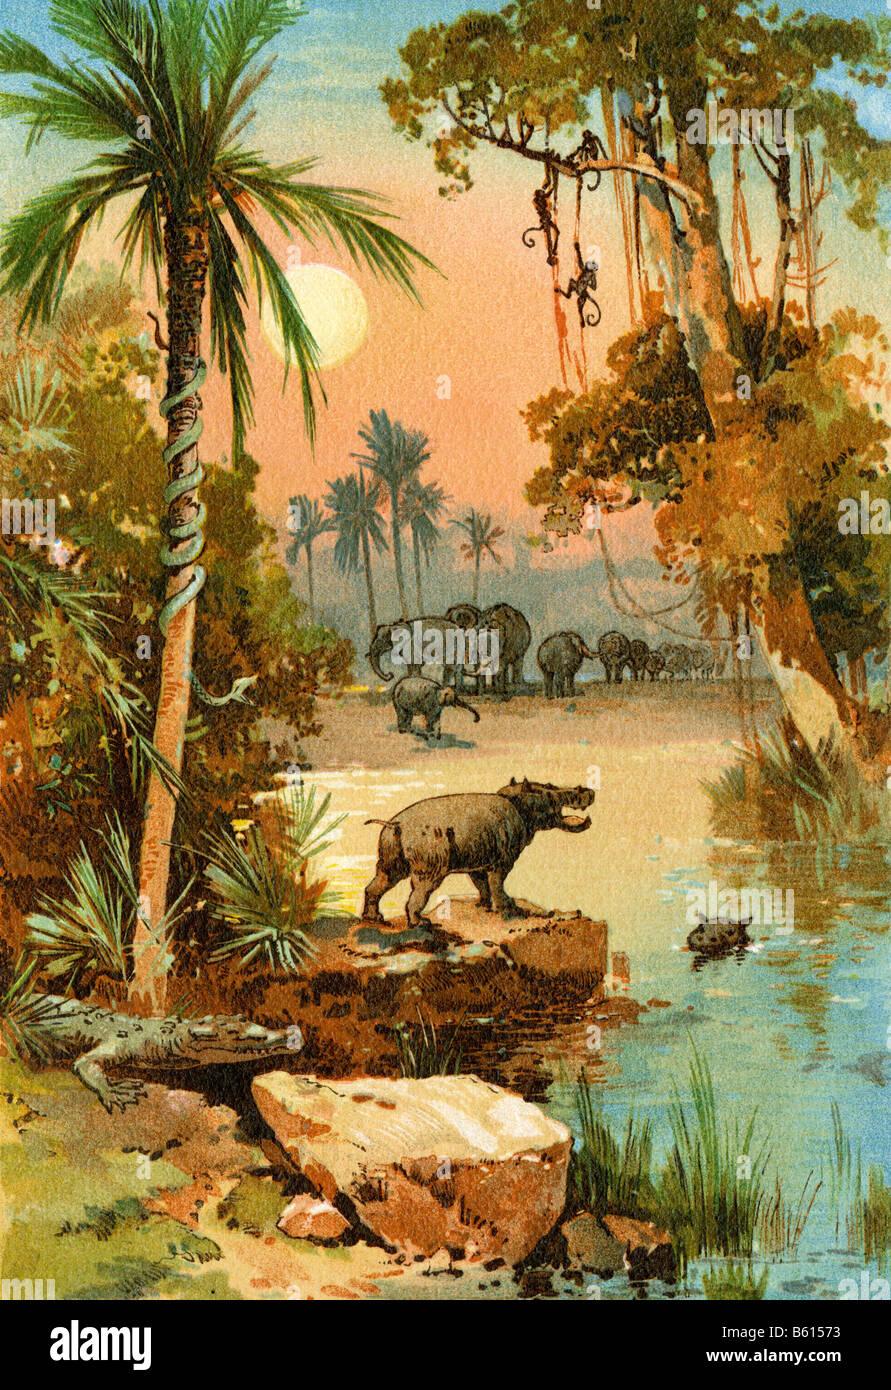 Los elefantes e hipopótamos a lo largo del río Congo Imagen De Stock